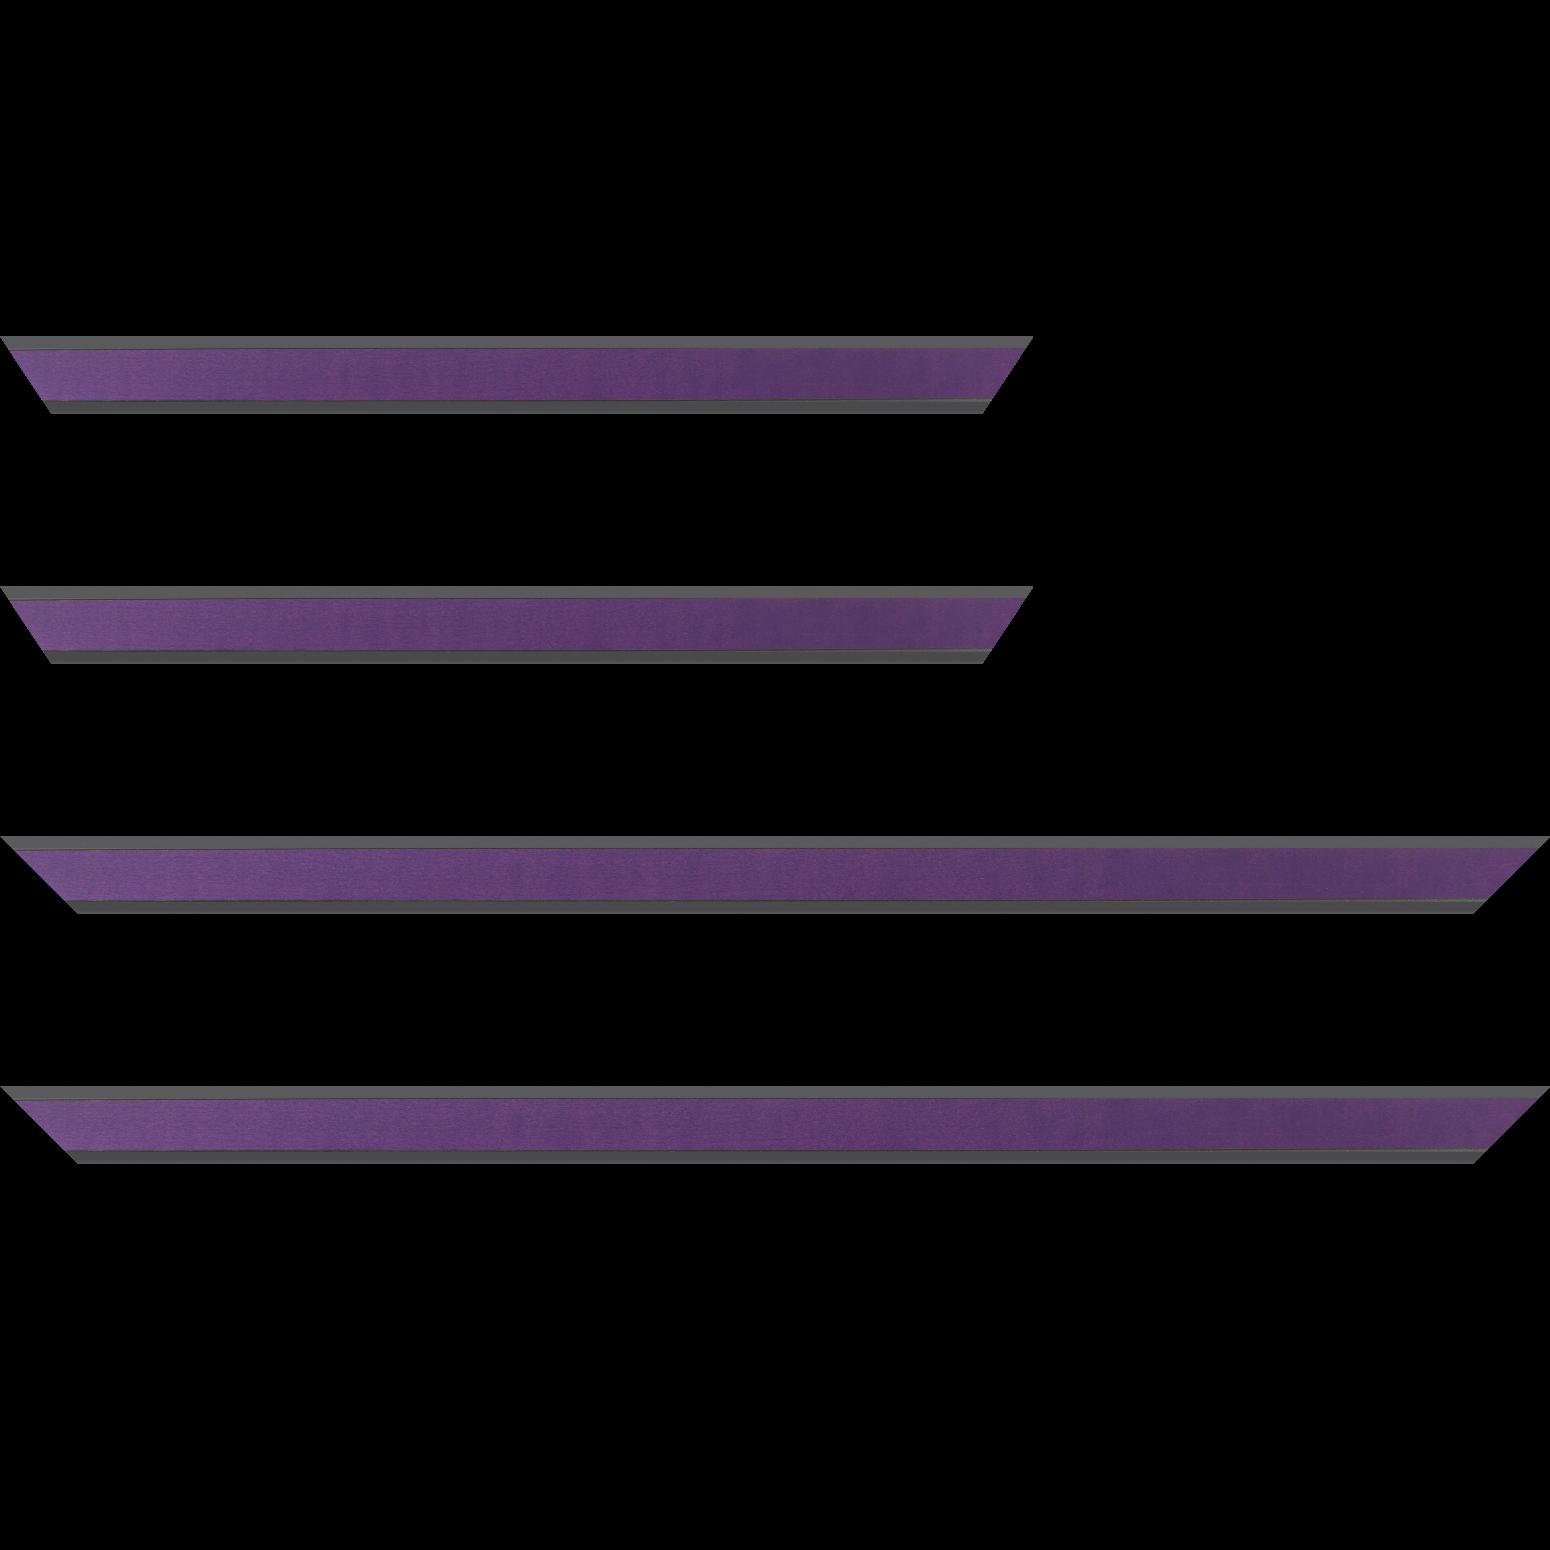 Baguette service précoupé Bois essence marupa profil plat largeur 2.5cm plaquage érable teinté violet,  filet intérieur et extérieur gris foncé